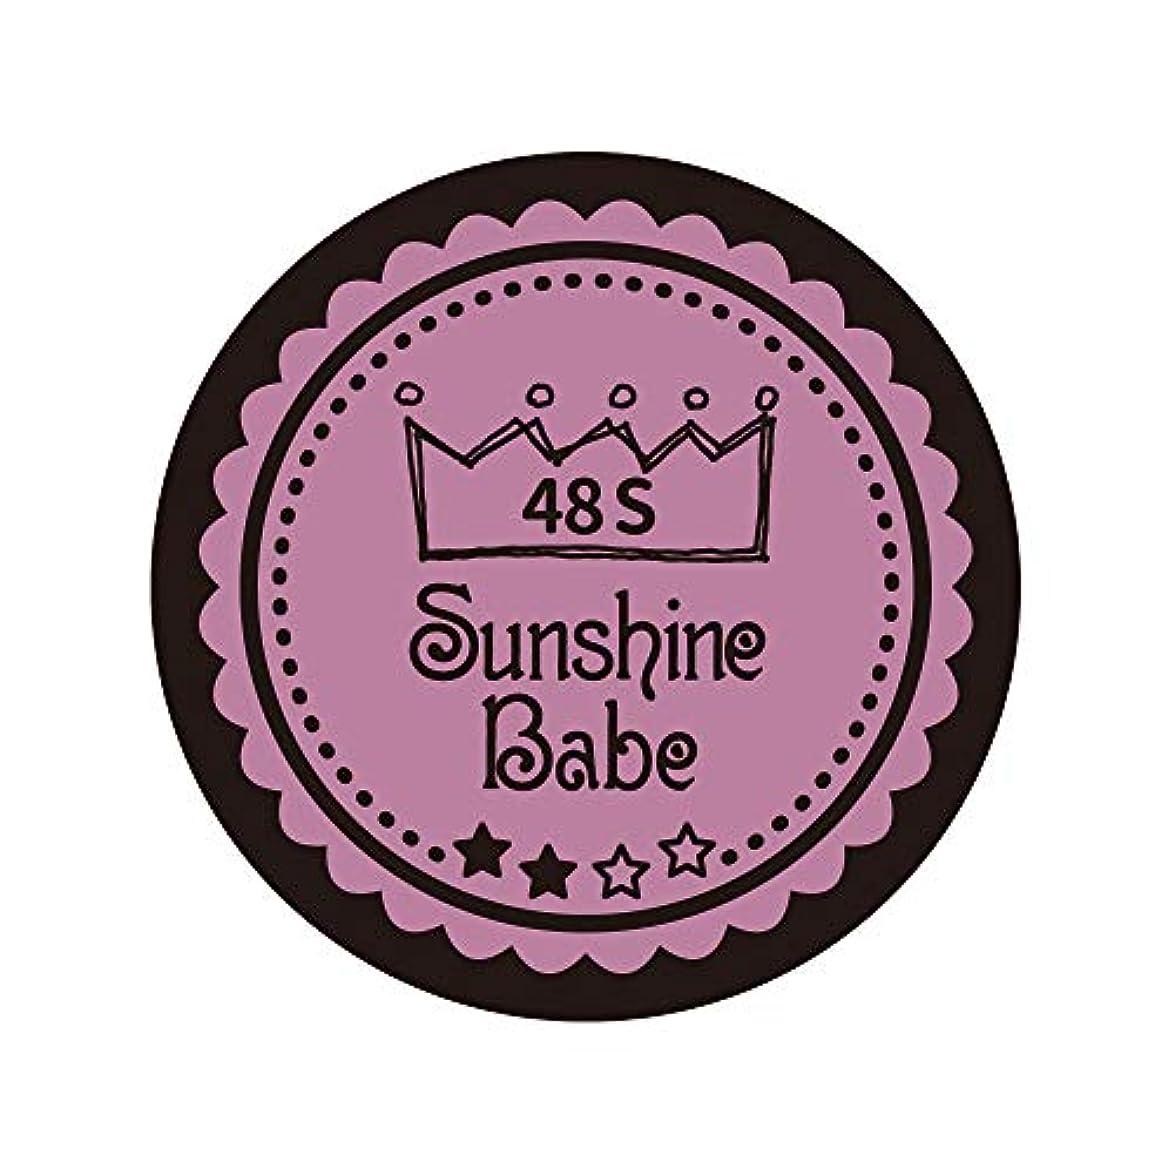 コンパイル広く叫び声Sunshine Babe カラージェル 48S ペールモーブ 2.7g UV/LED対応